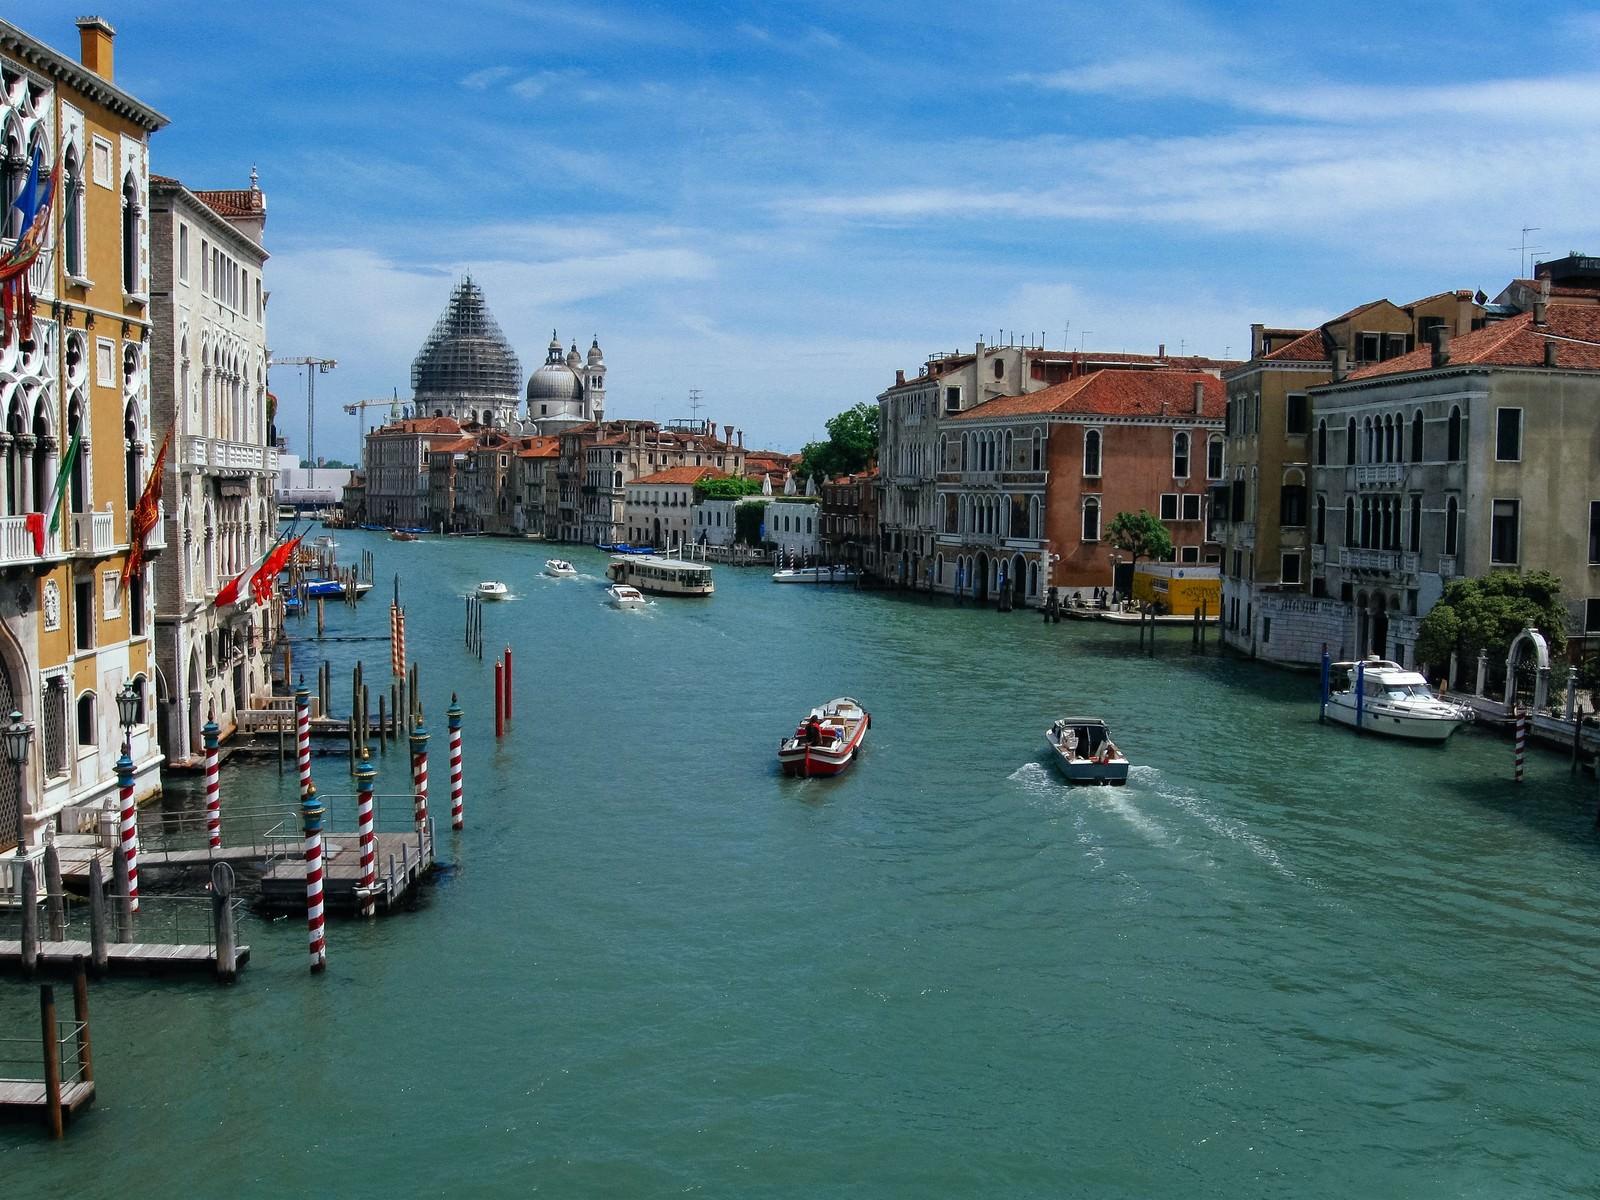 「ヴェネツィアの水路を行き交うボートと街並み(イタリア)」の写真